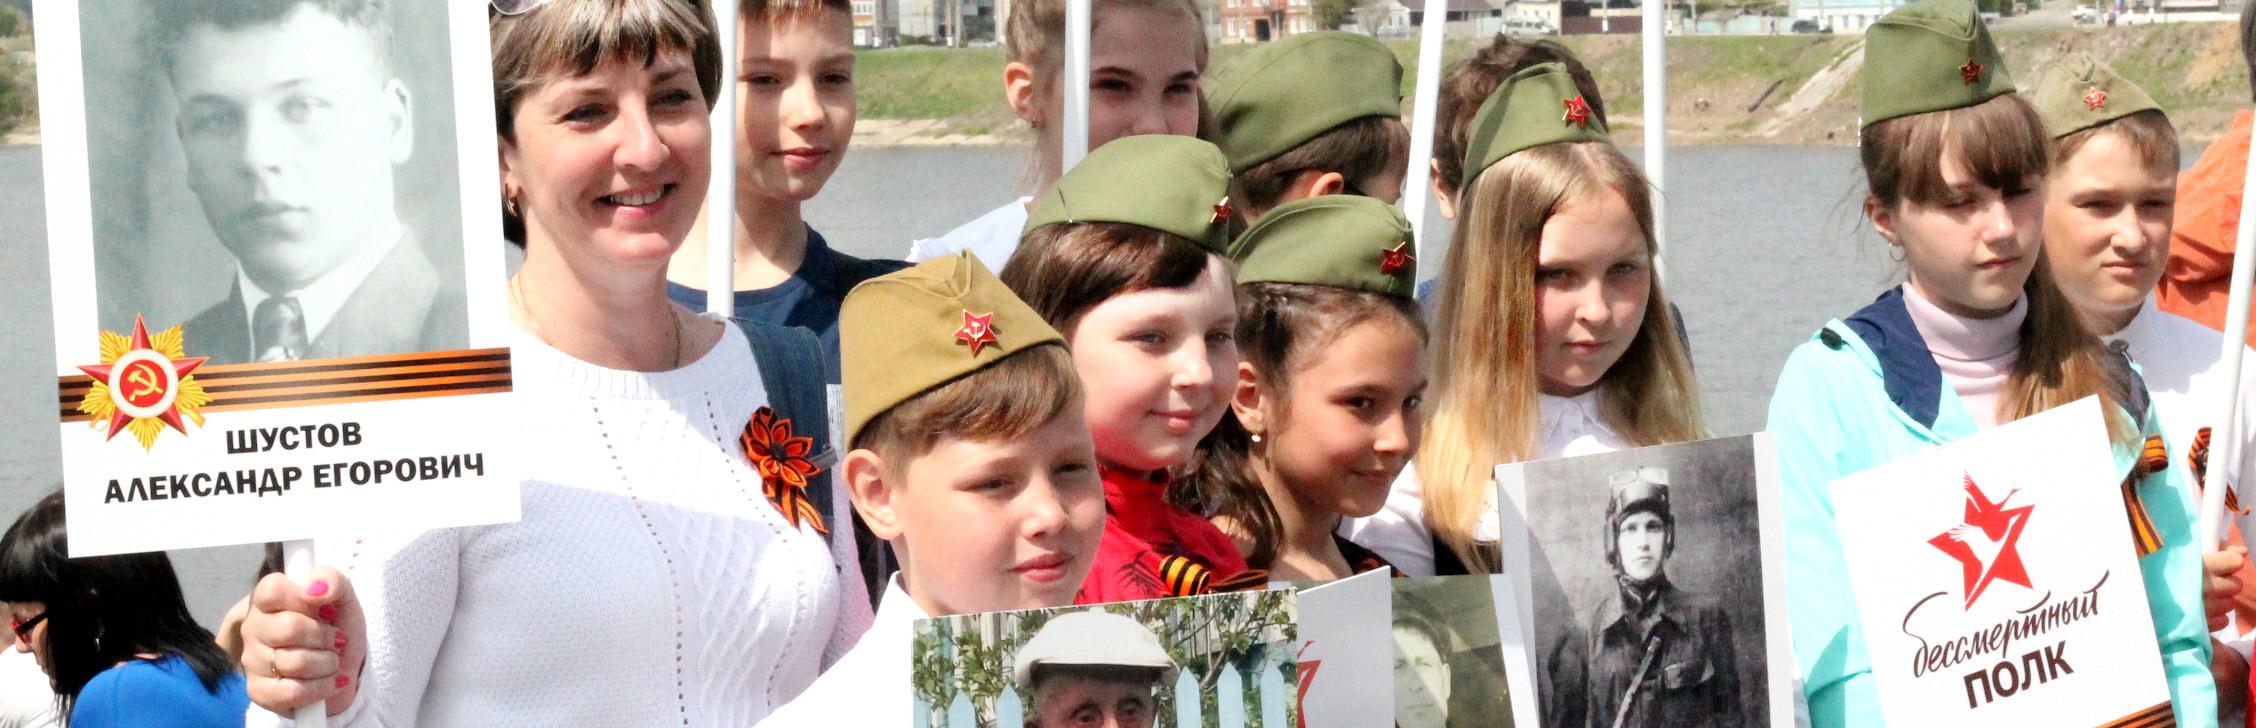 Бессмертный полк ГБОУ СОШ № 19 г. Сызрани